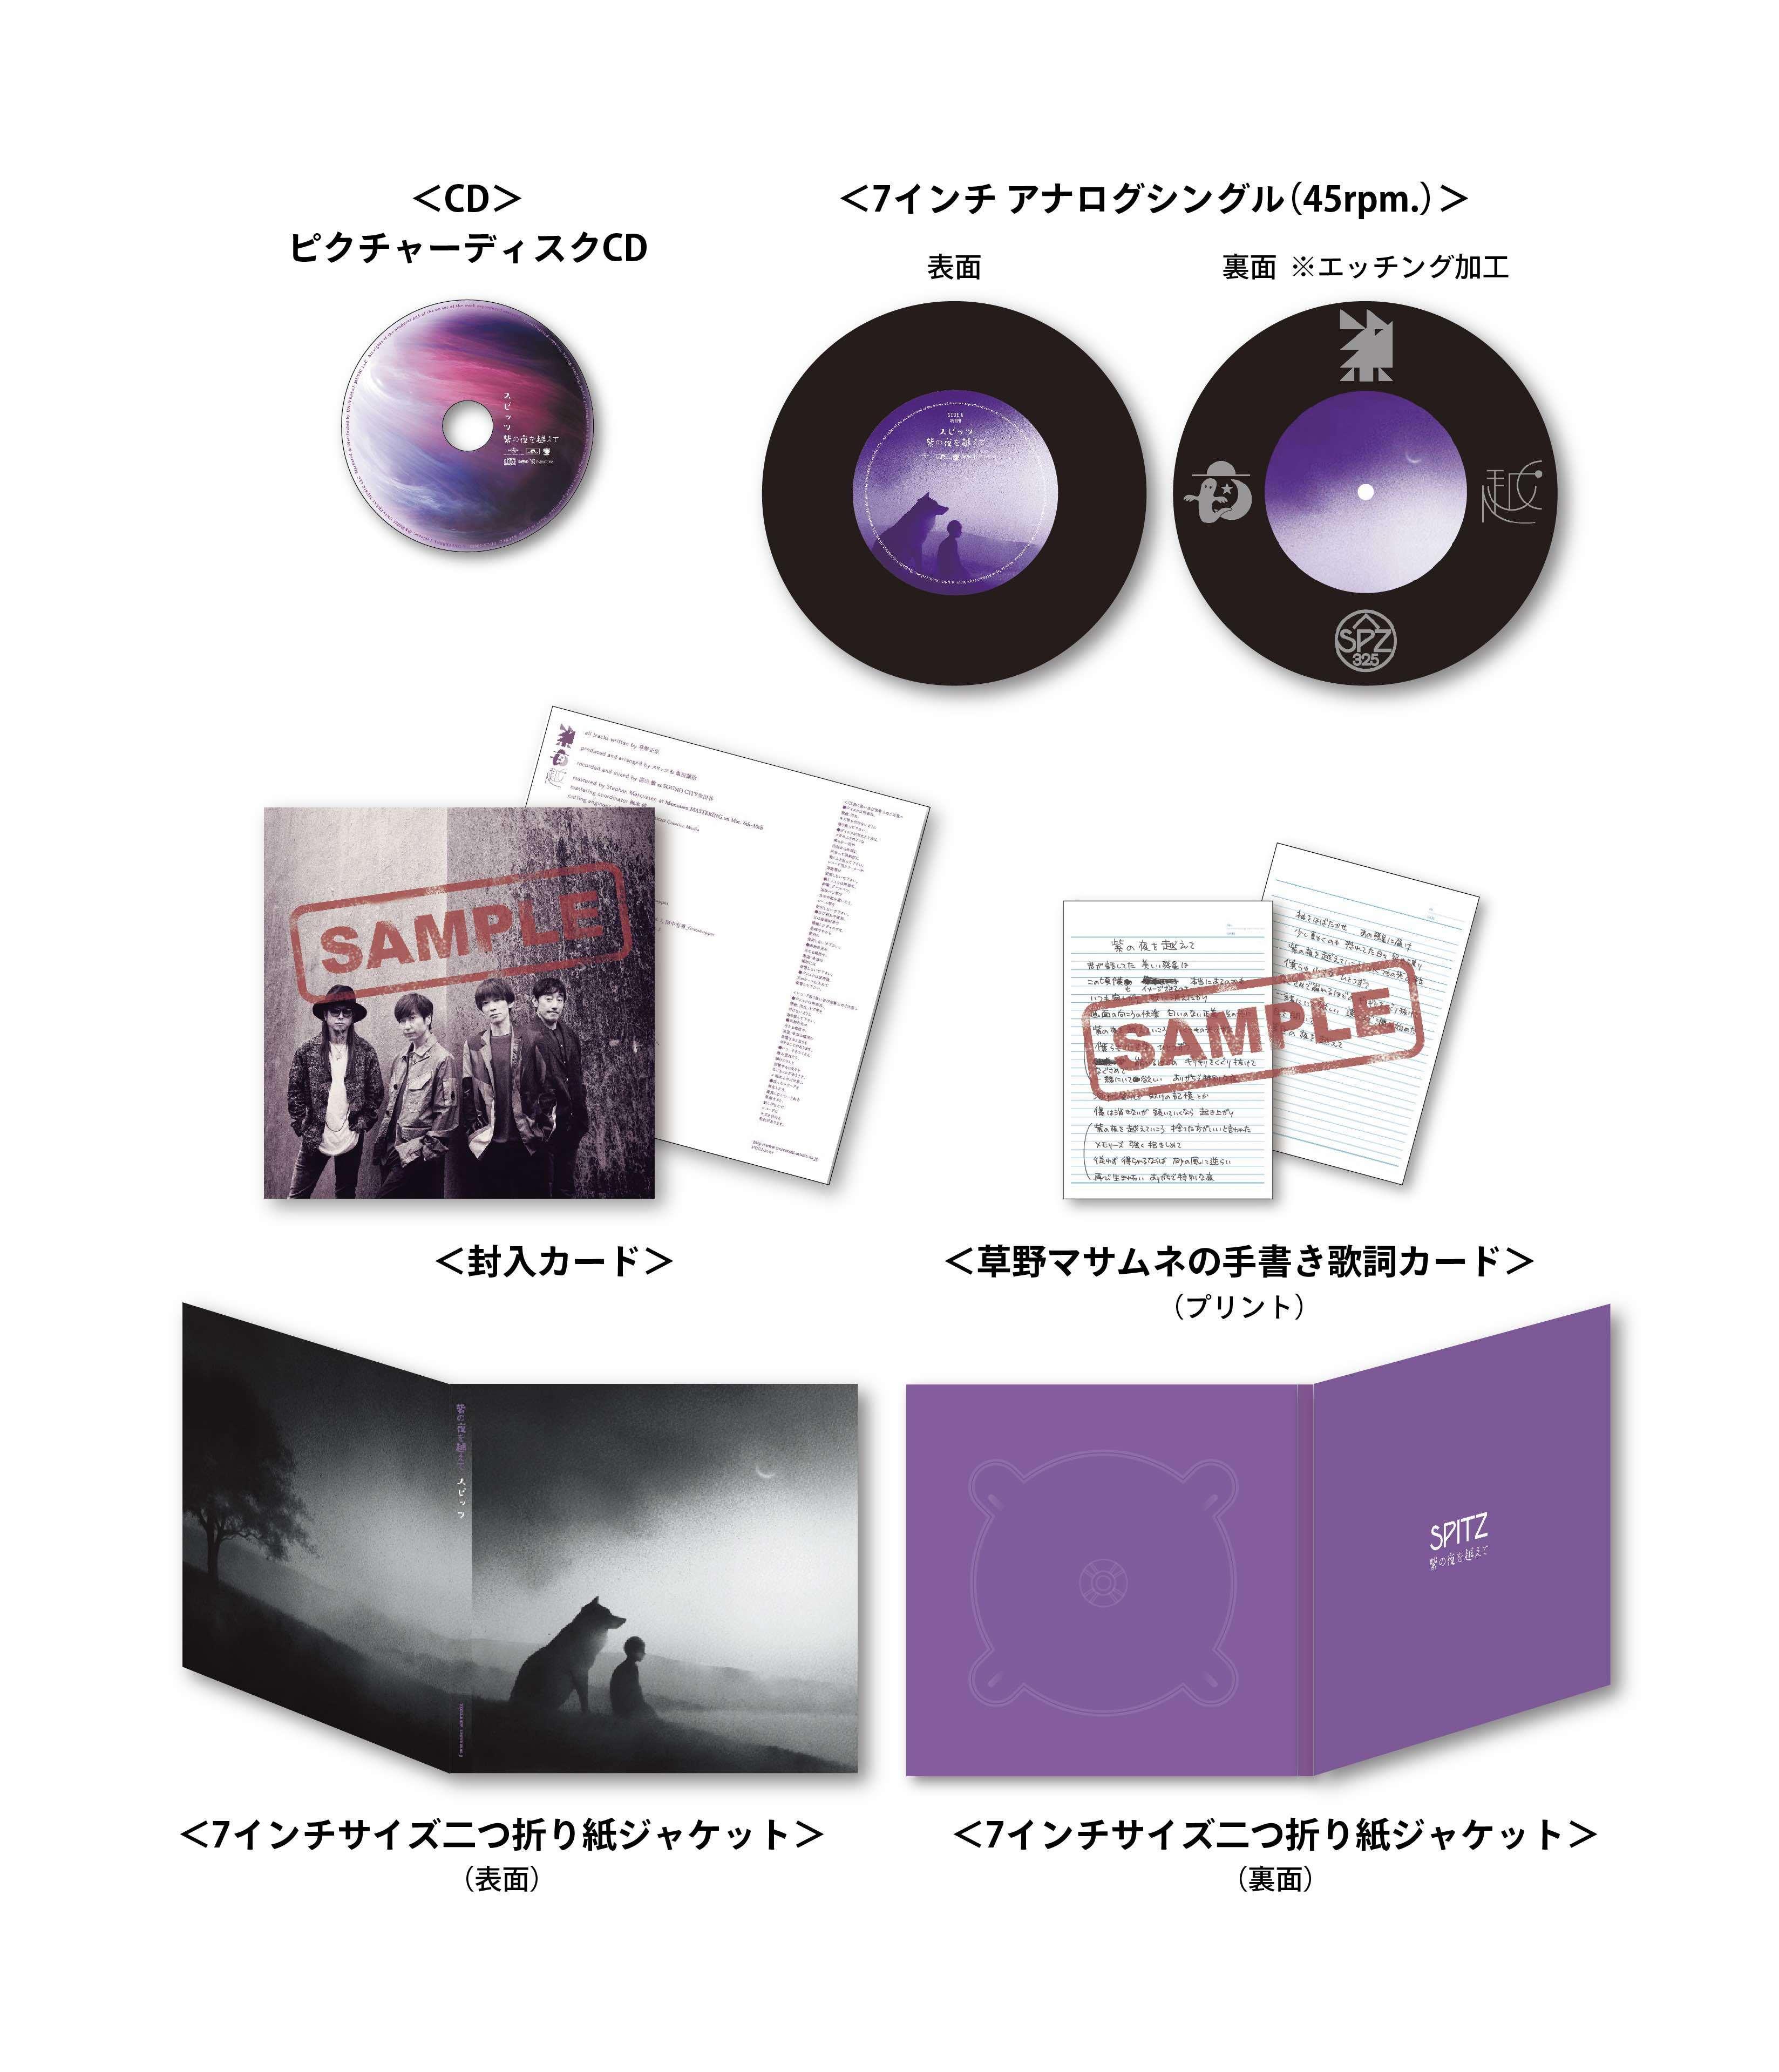 『紫の夜を越えて』-アートエディション- (完全数量限定生産盤)封入内容